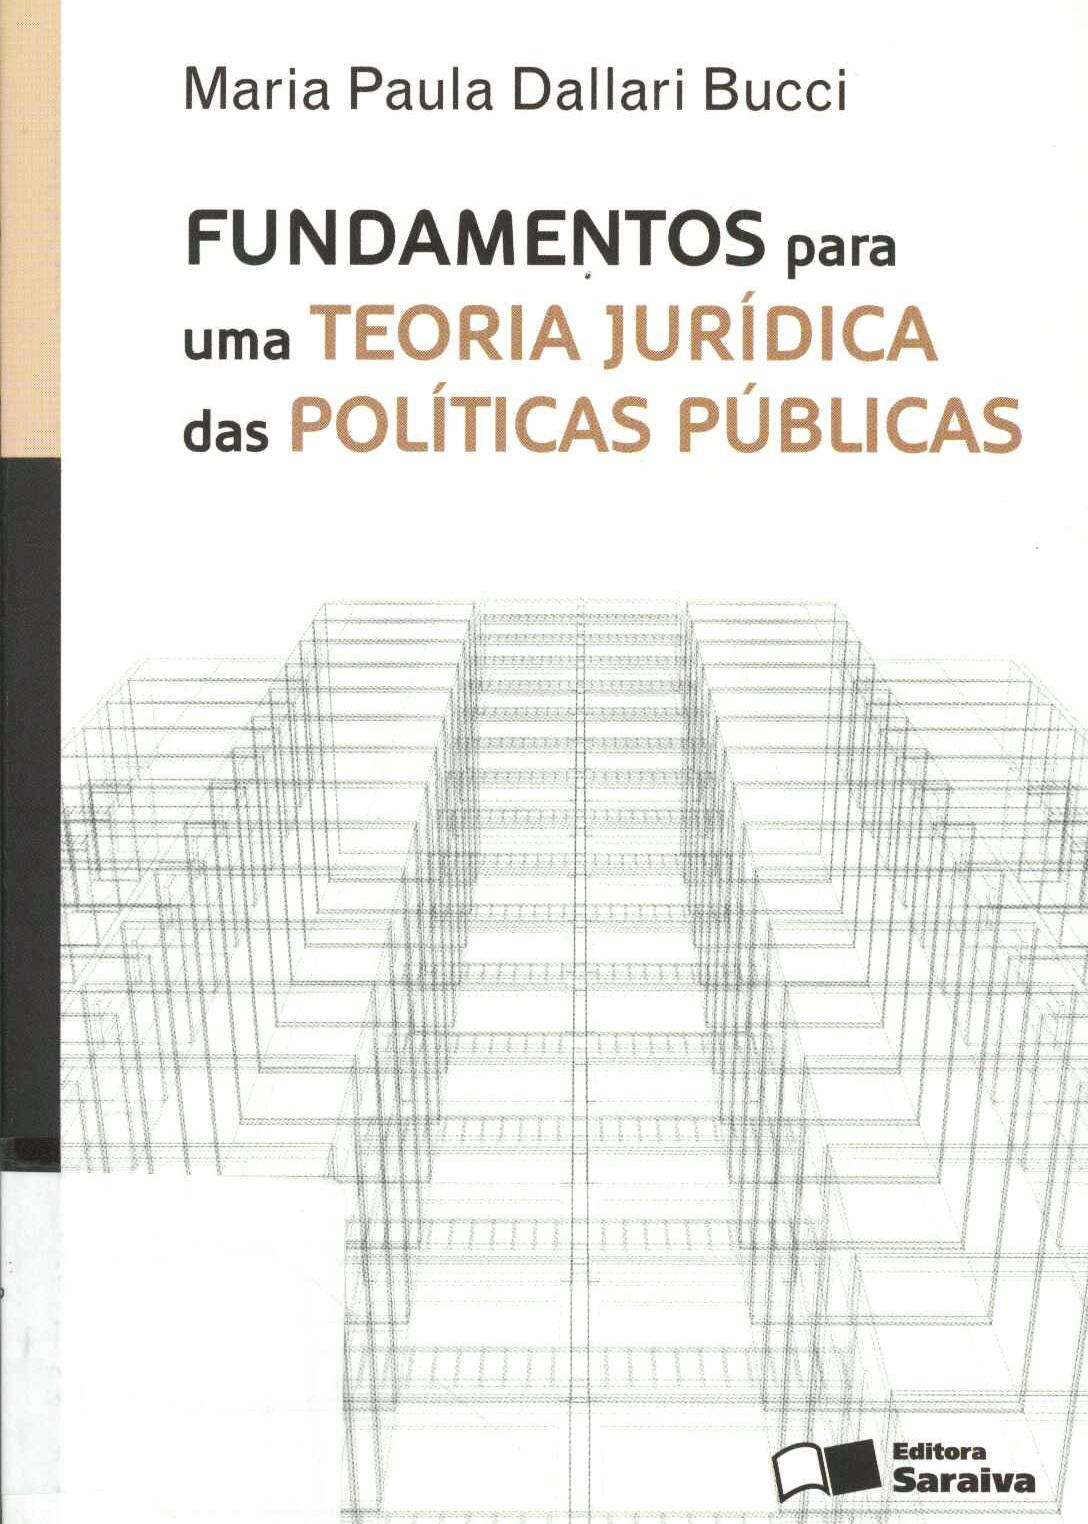 Bucci, Maria - Fundamentos para uma Teoria Jurídica das Políticas Públicas.jpg